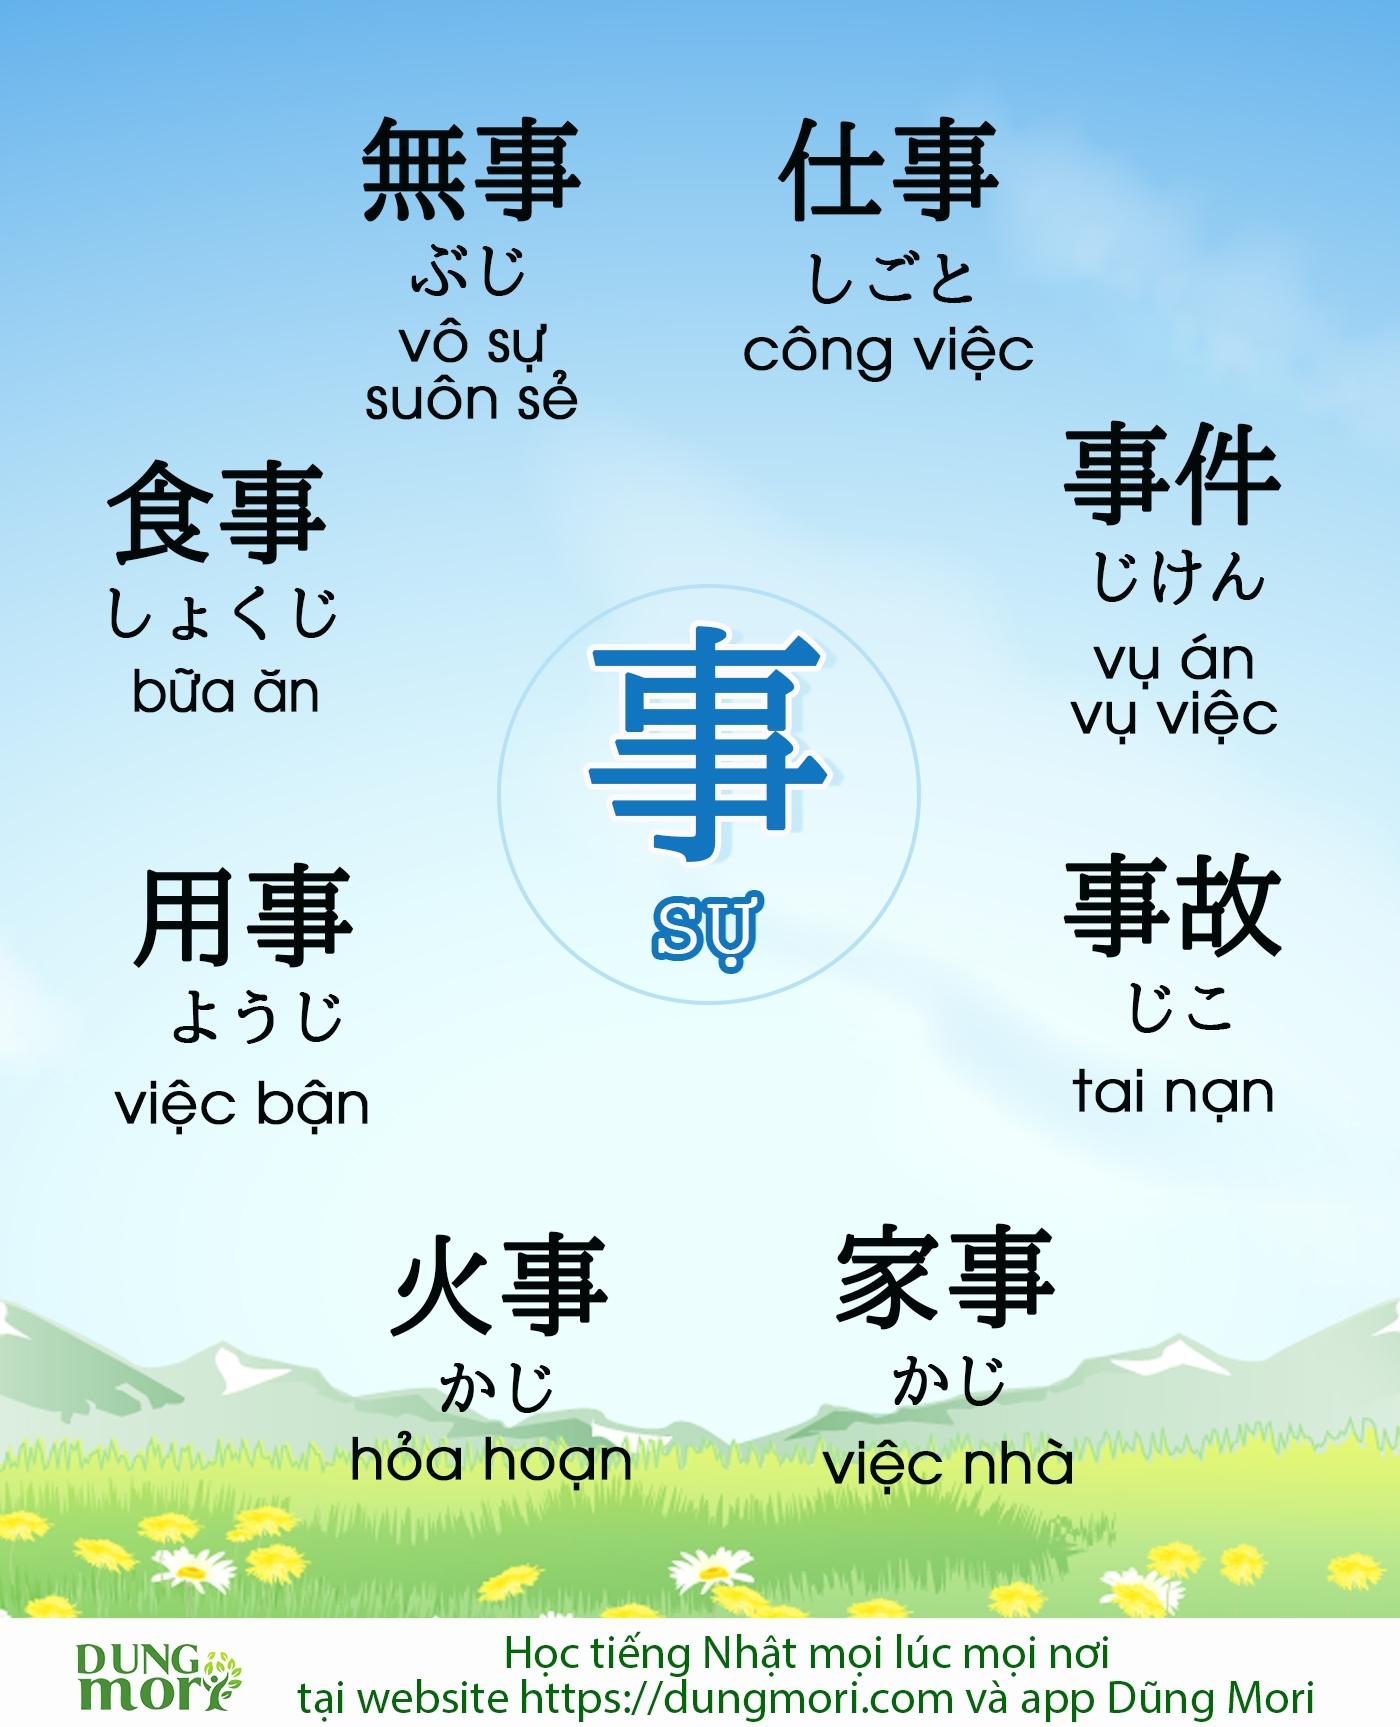 Một số từ vựng tiếng Nhật liên quan đến Chữ Sự 事